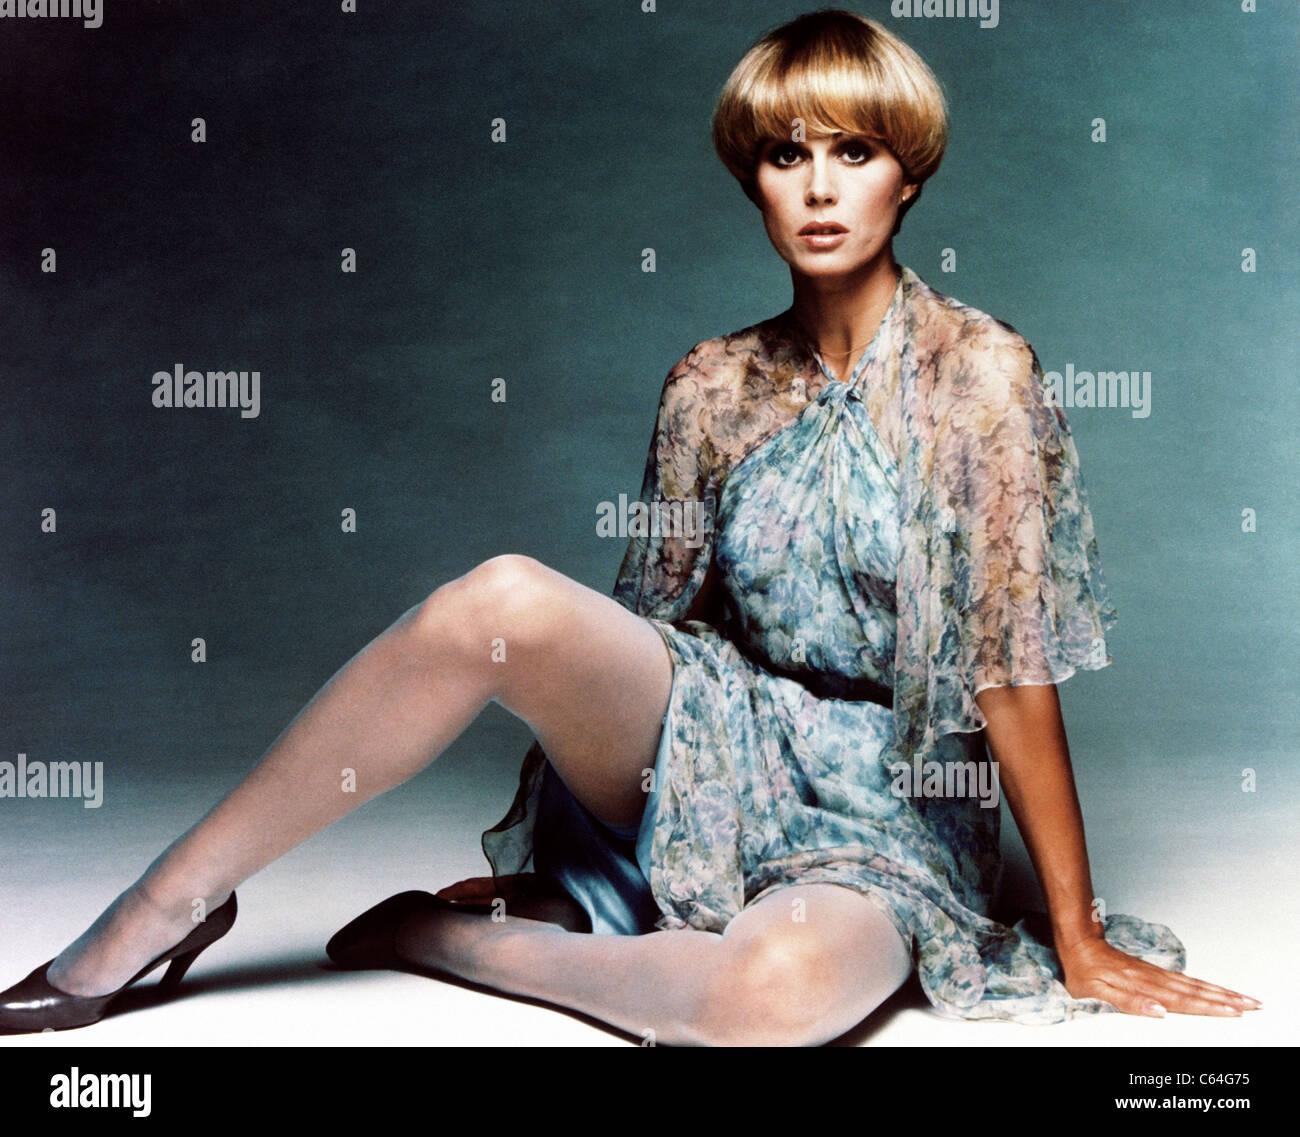 Watch Joanna Lumley video